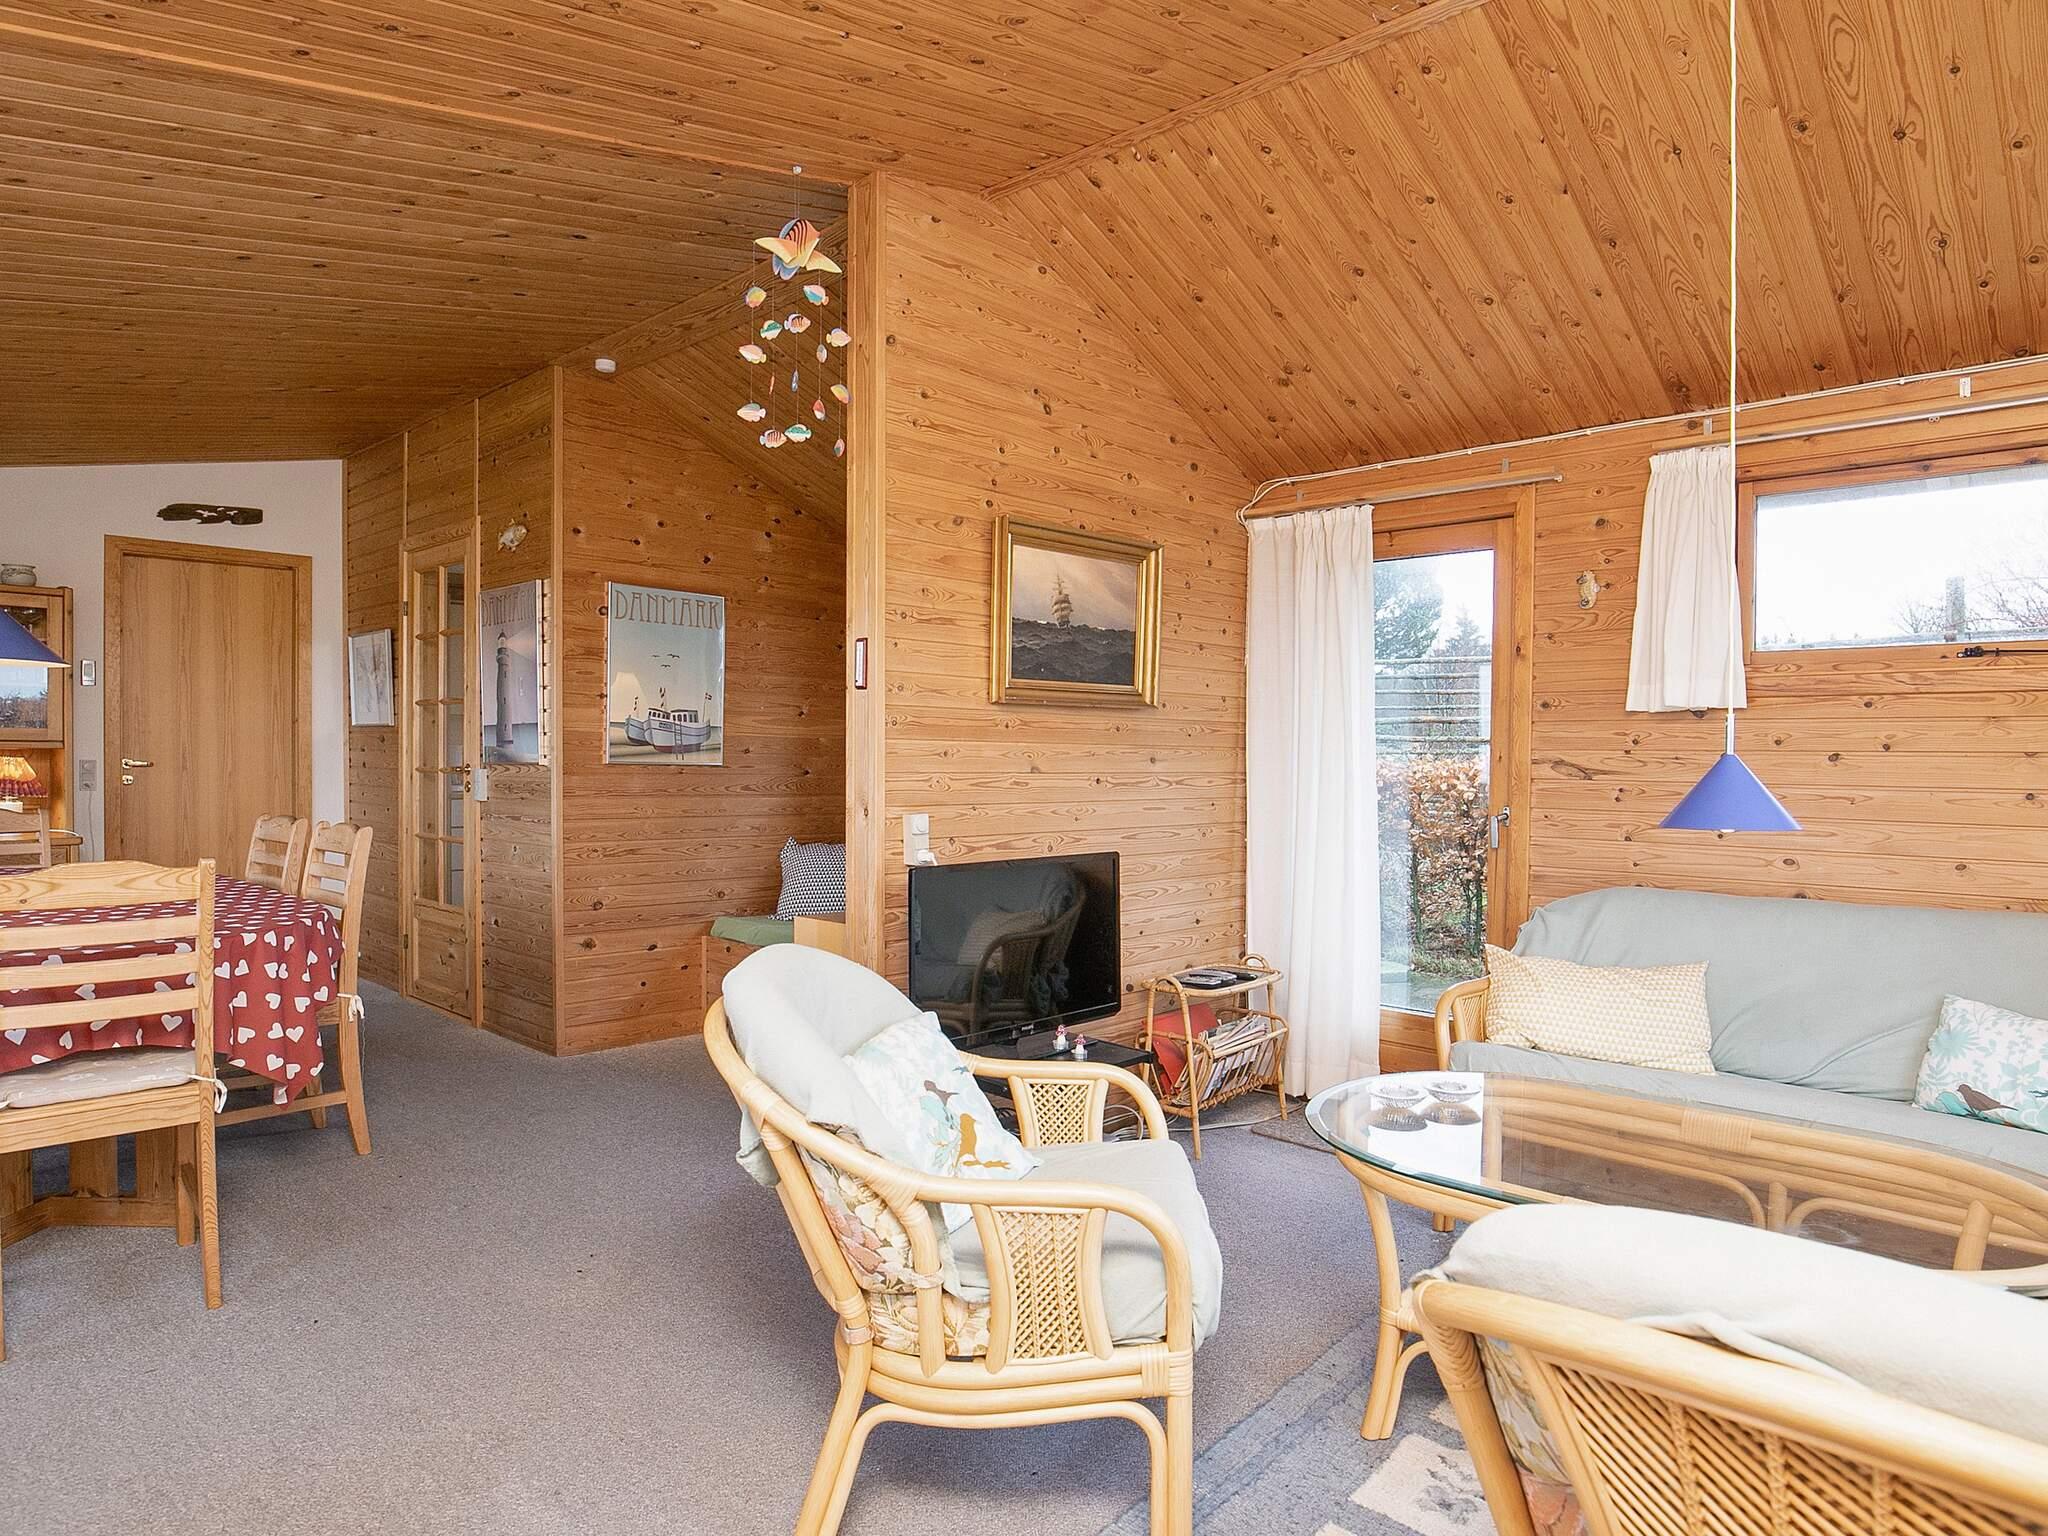 Ferienhaus Kjul Strand (2595175), Hirtshals, , Nordwestjütland, Dänemark, Bild 2